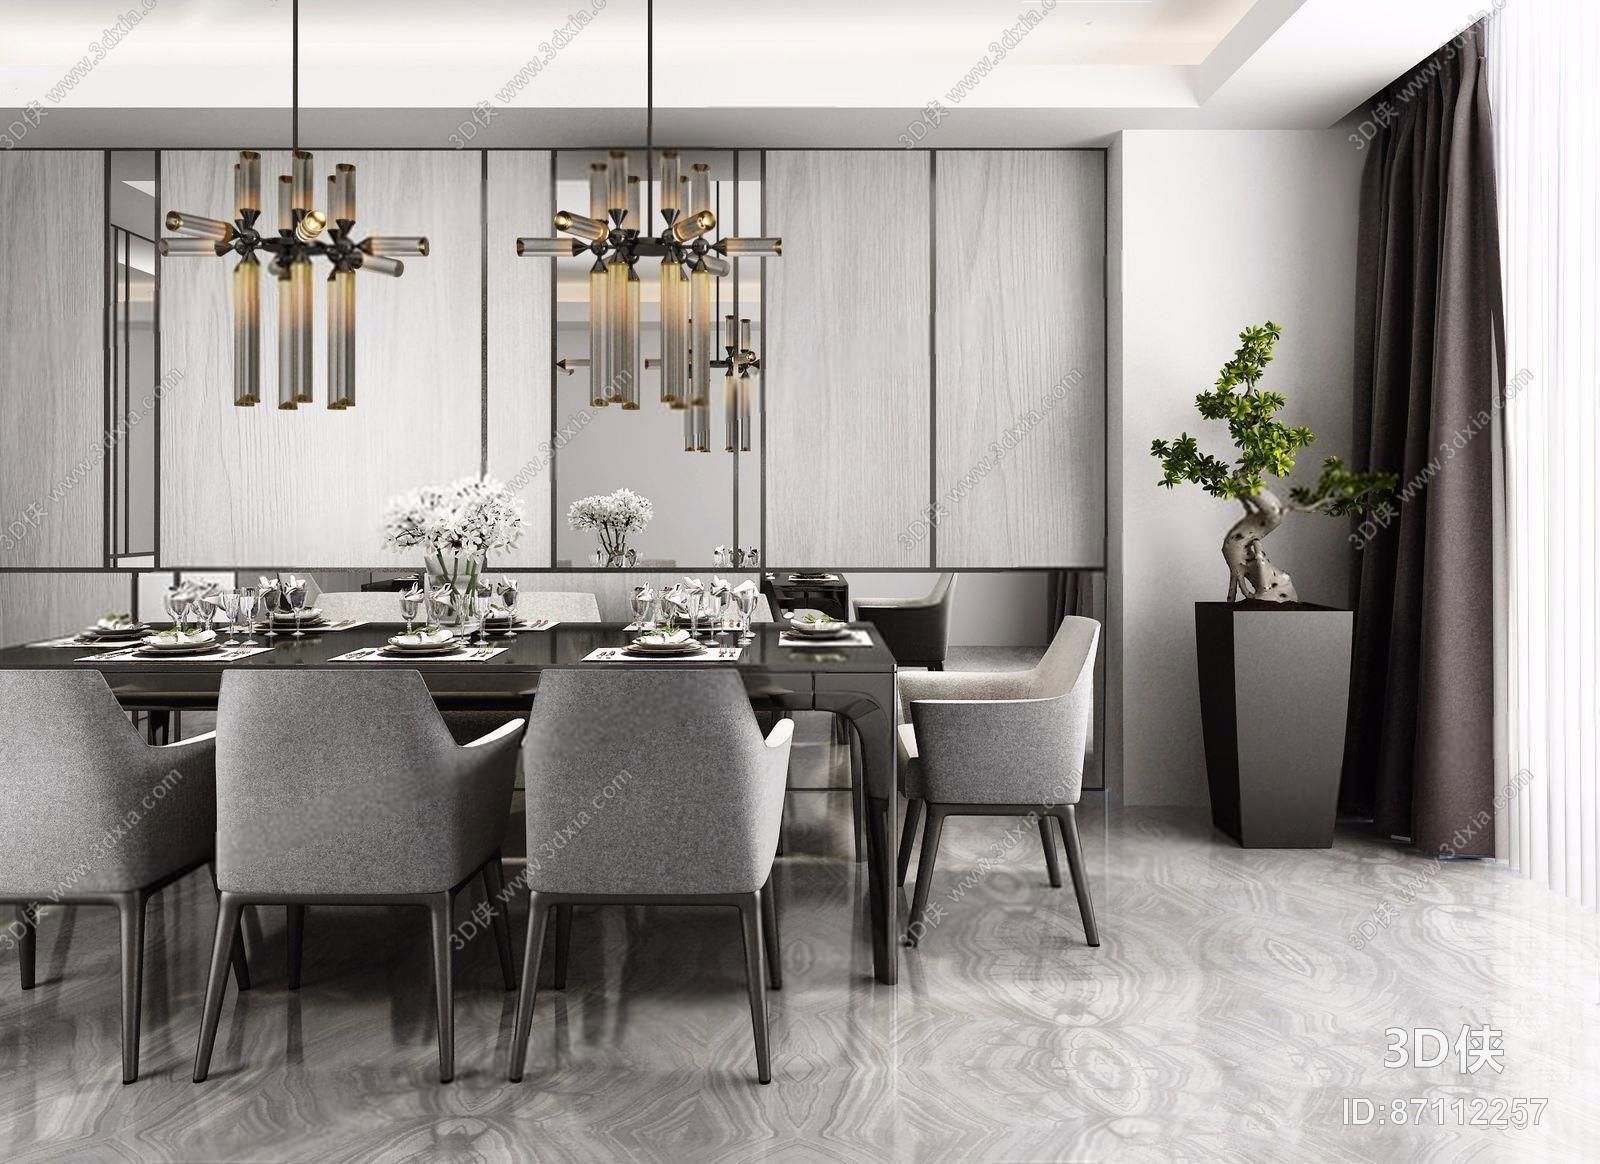 家居餐厅效果图素材免费下载,本作品主题是现代高级灰餐厅,编号是